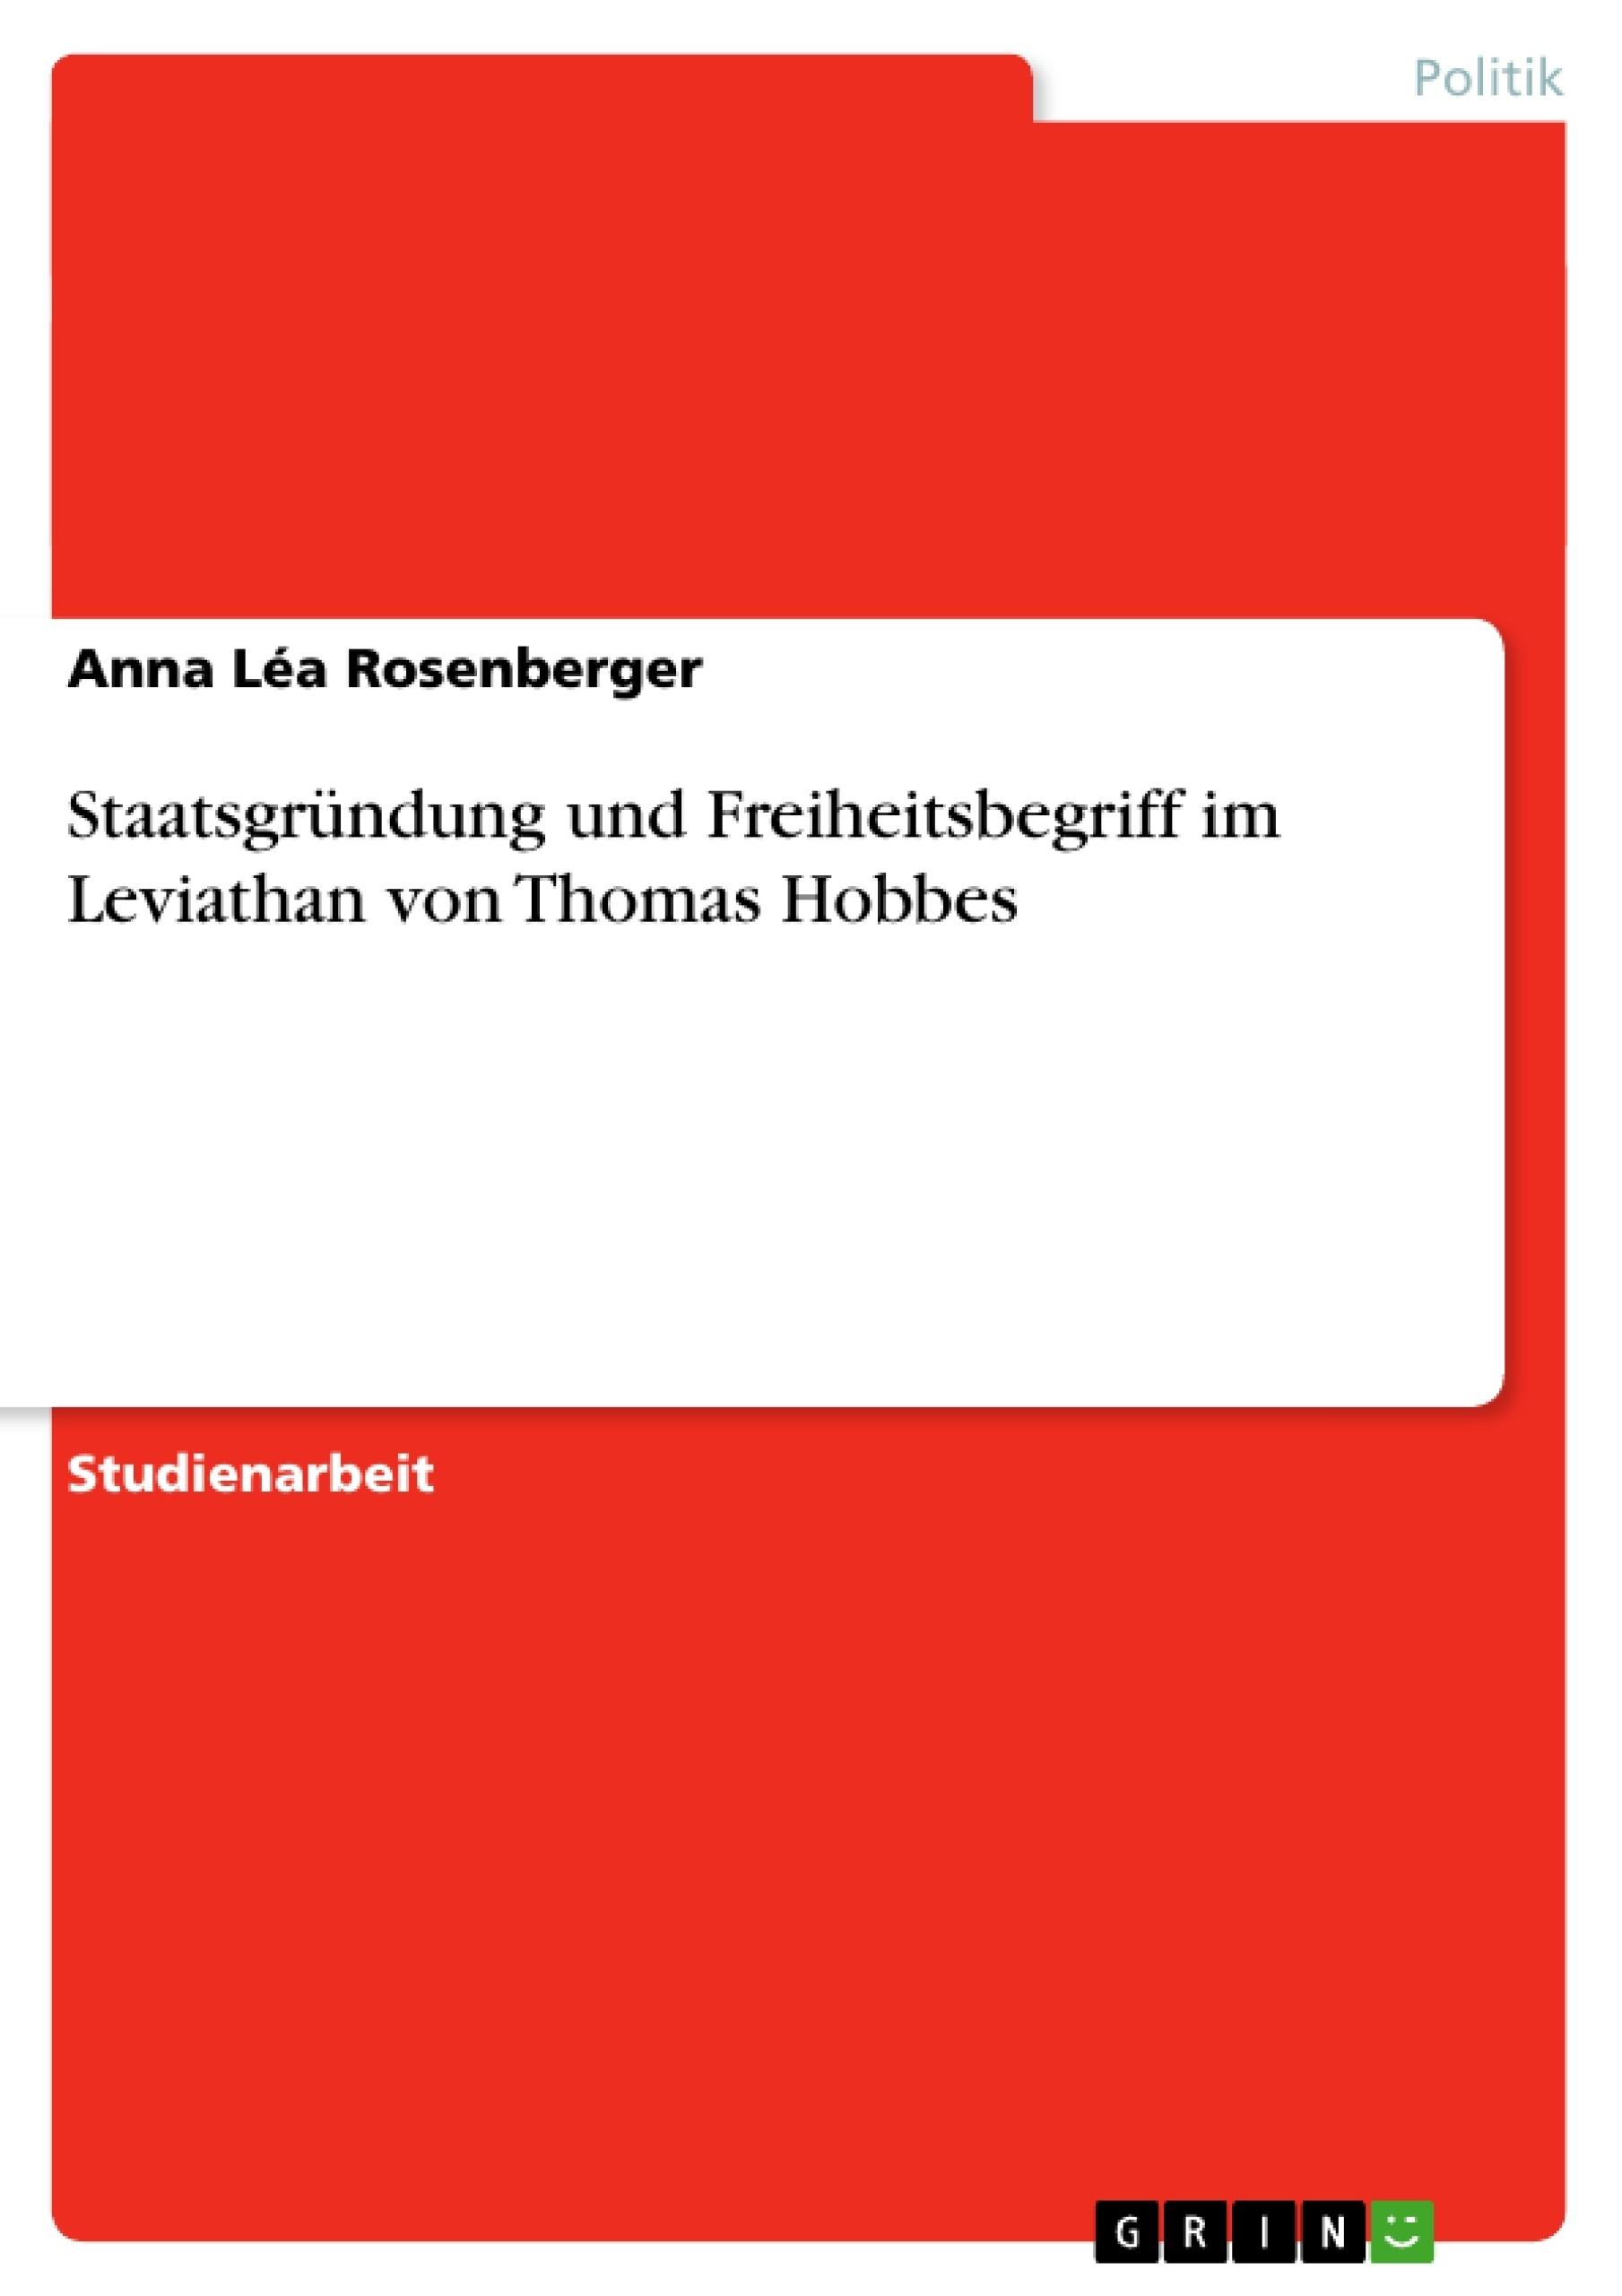 Titel: Staatsgründung und Freiheitsbegriff im Leviathan von Thomas Hobbes